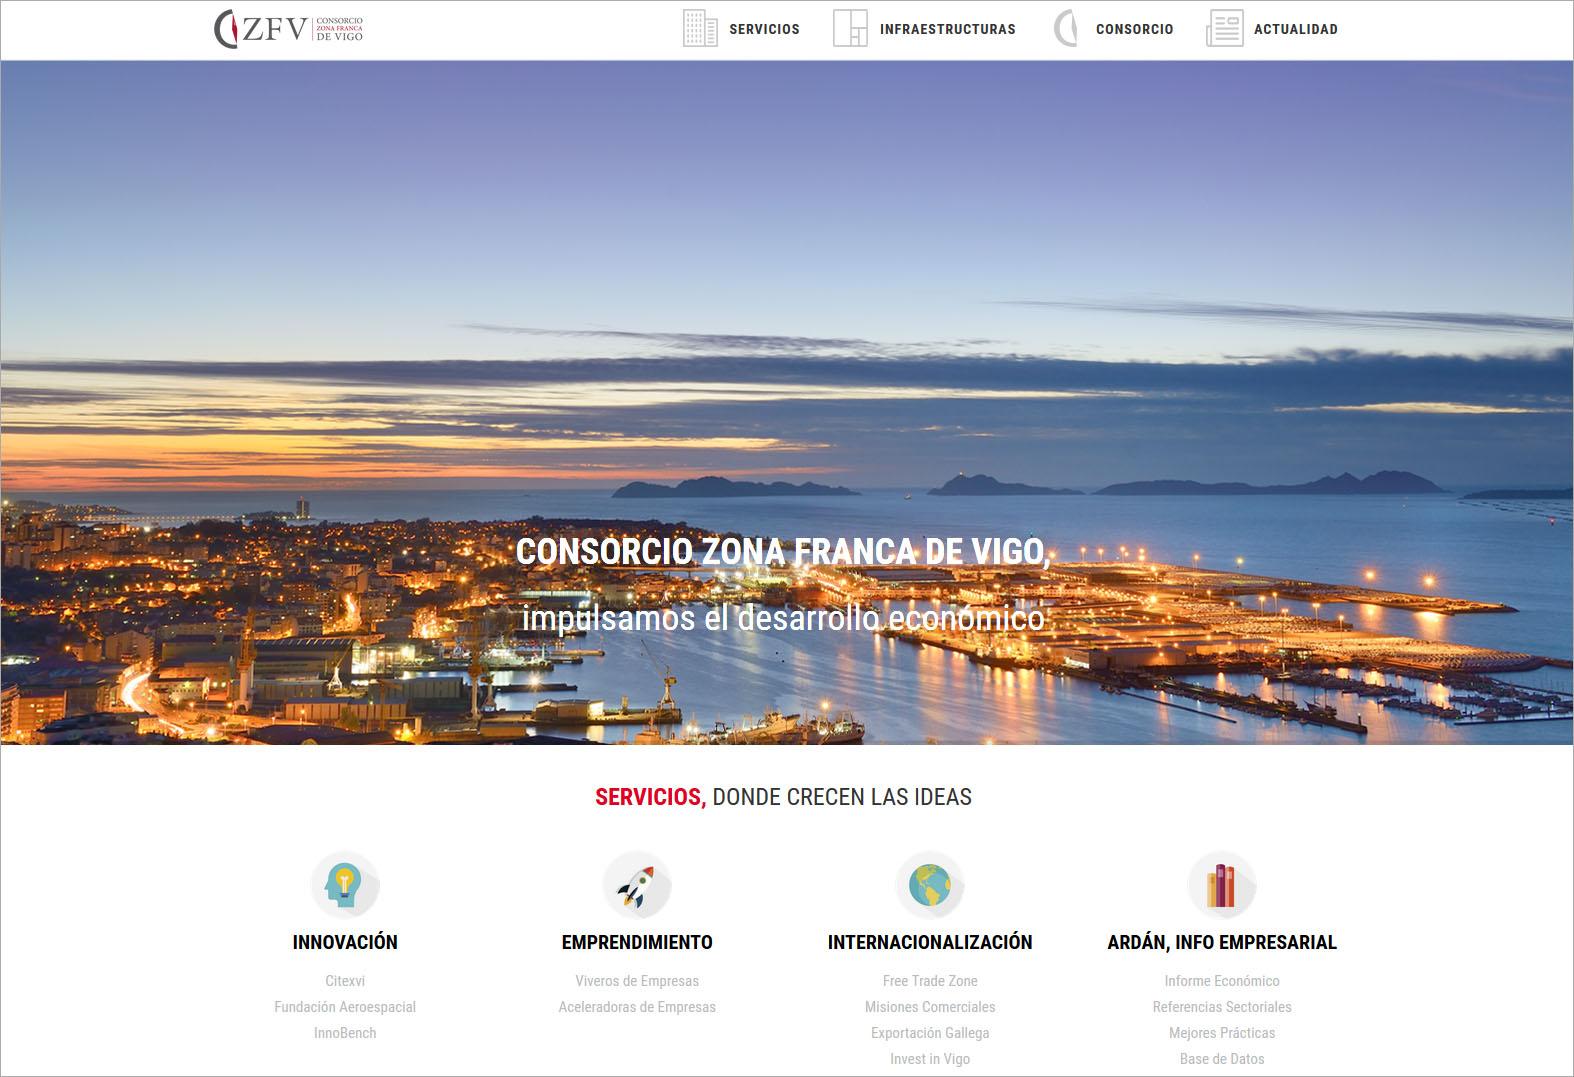 ramon_vaquero_zona_franca_fotografos_vigo_1